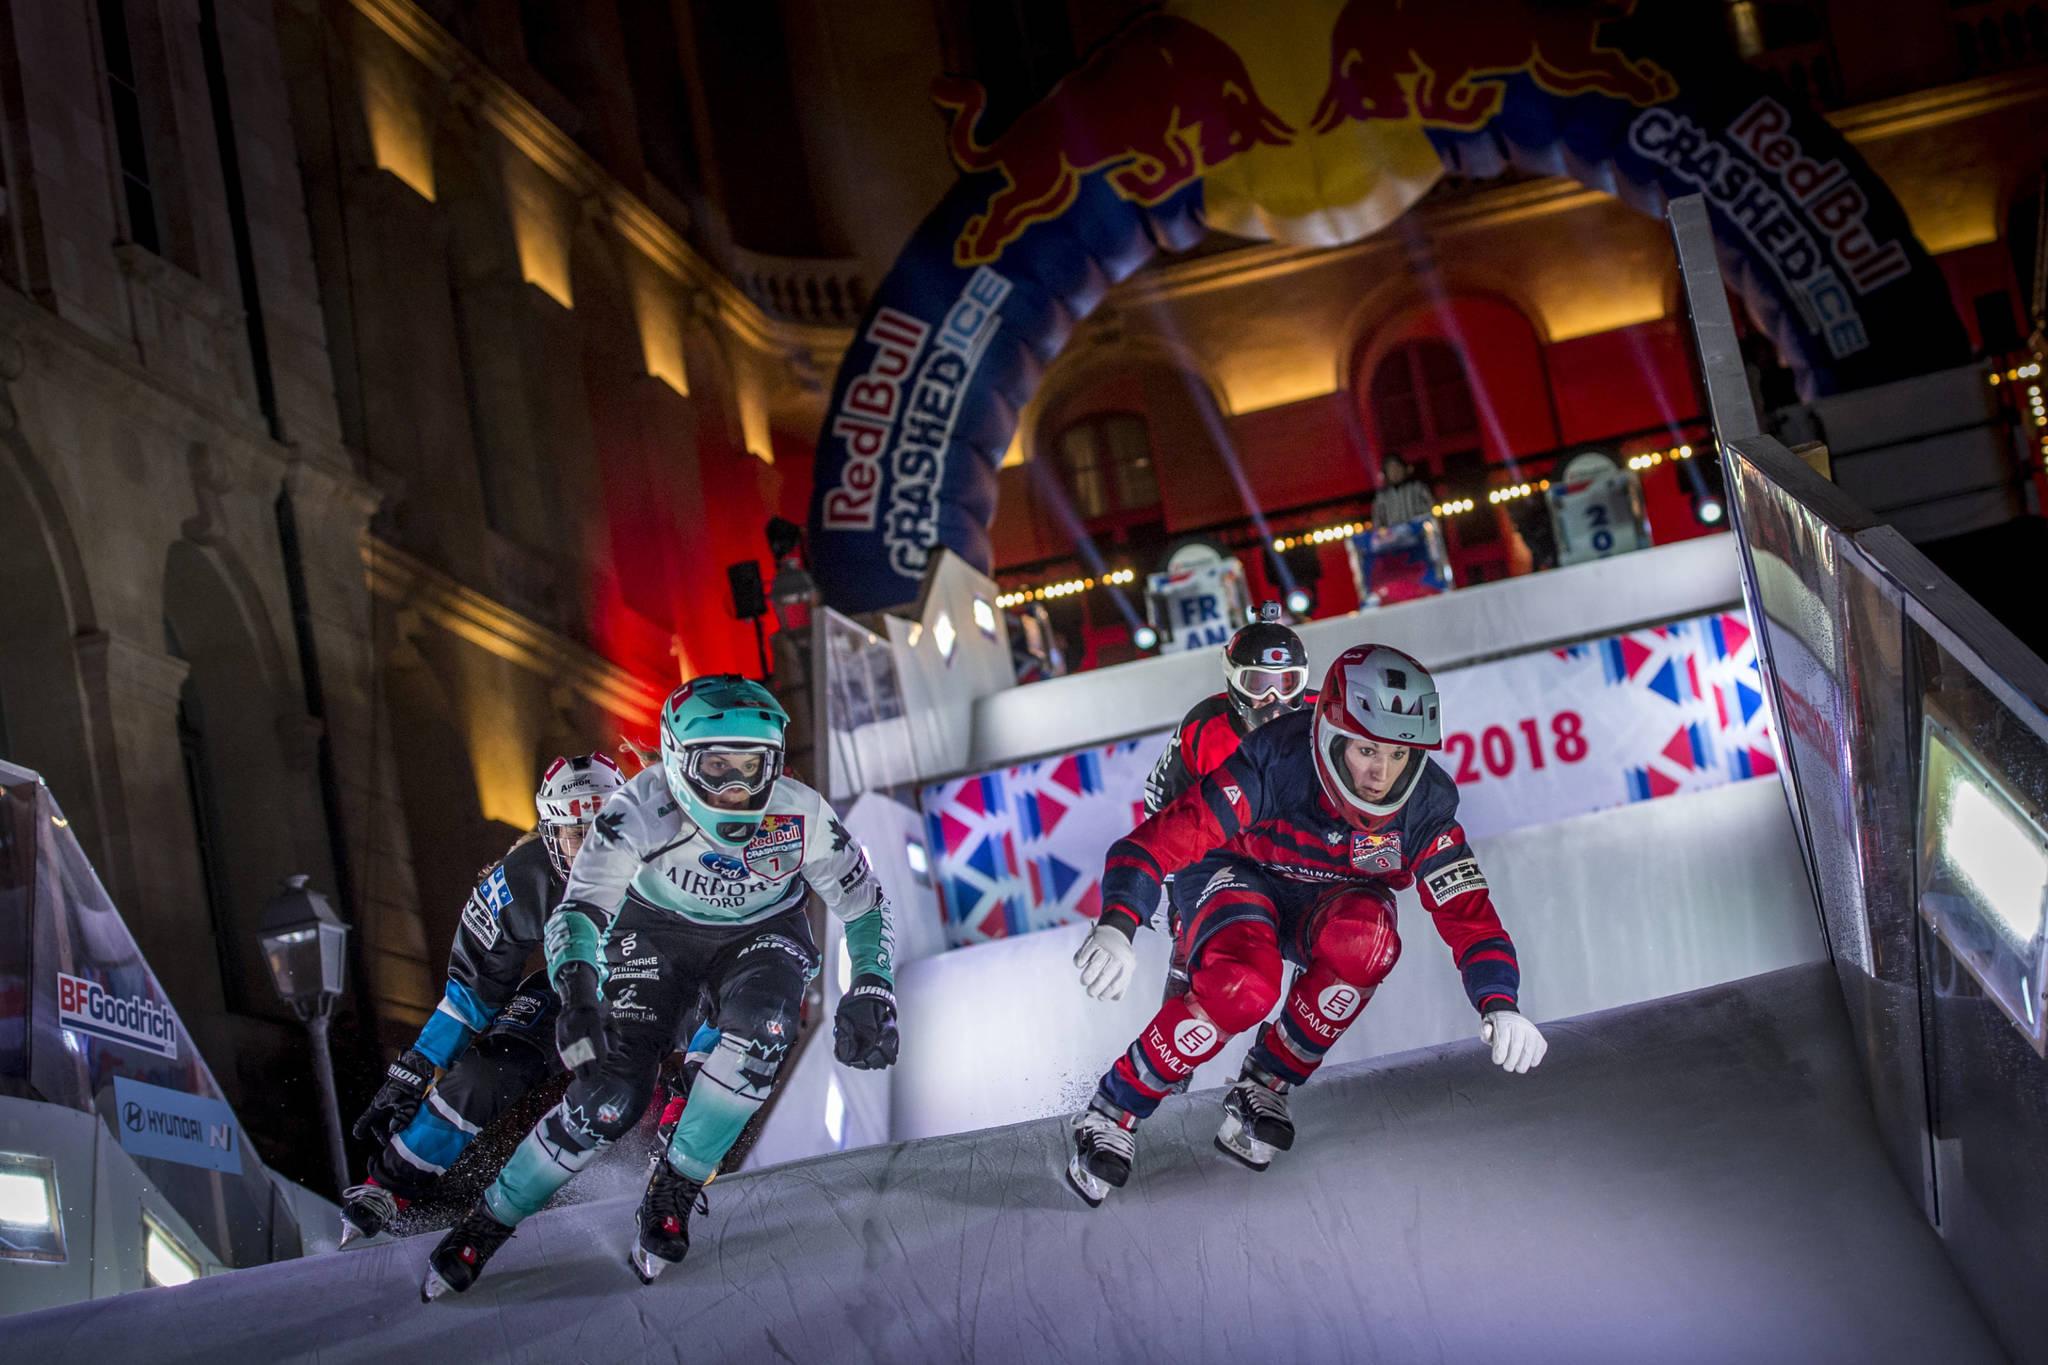 テクニック、駆け引き、集中力など、さまざまな要素が勝利の行方を左右する Sebastian Marko/Red Bull Content Pool